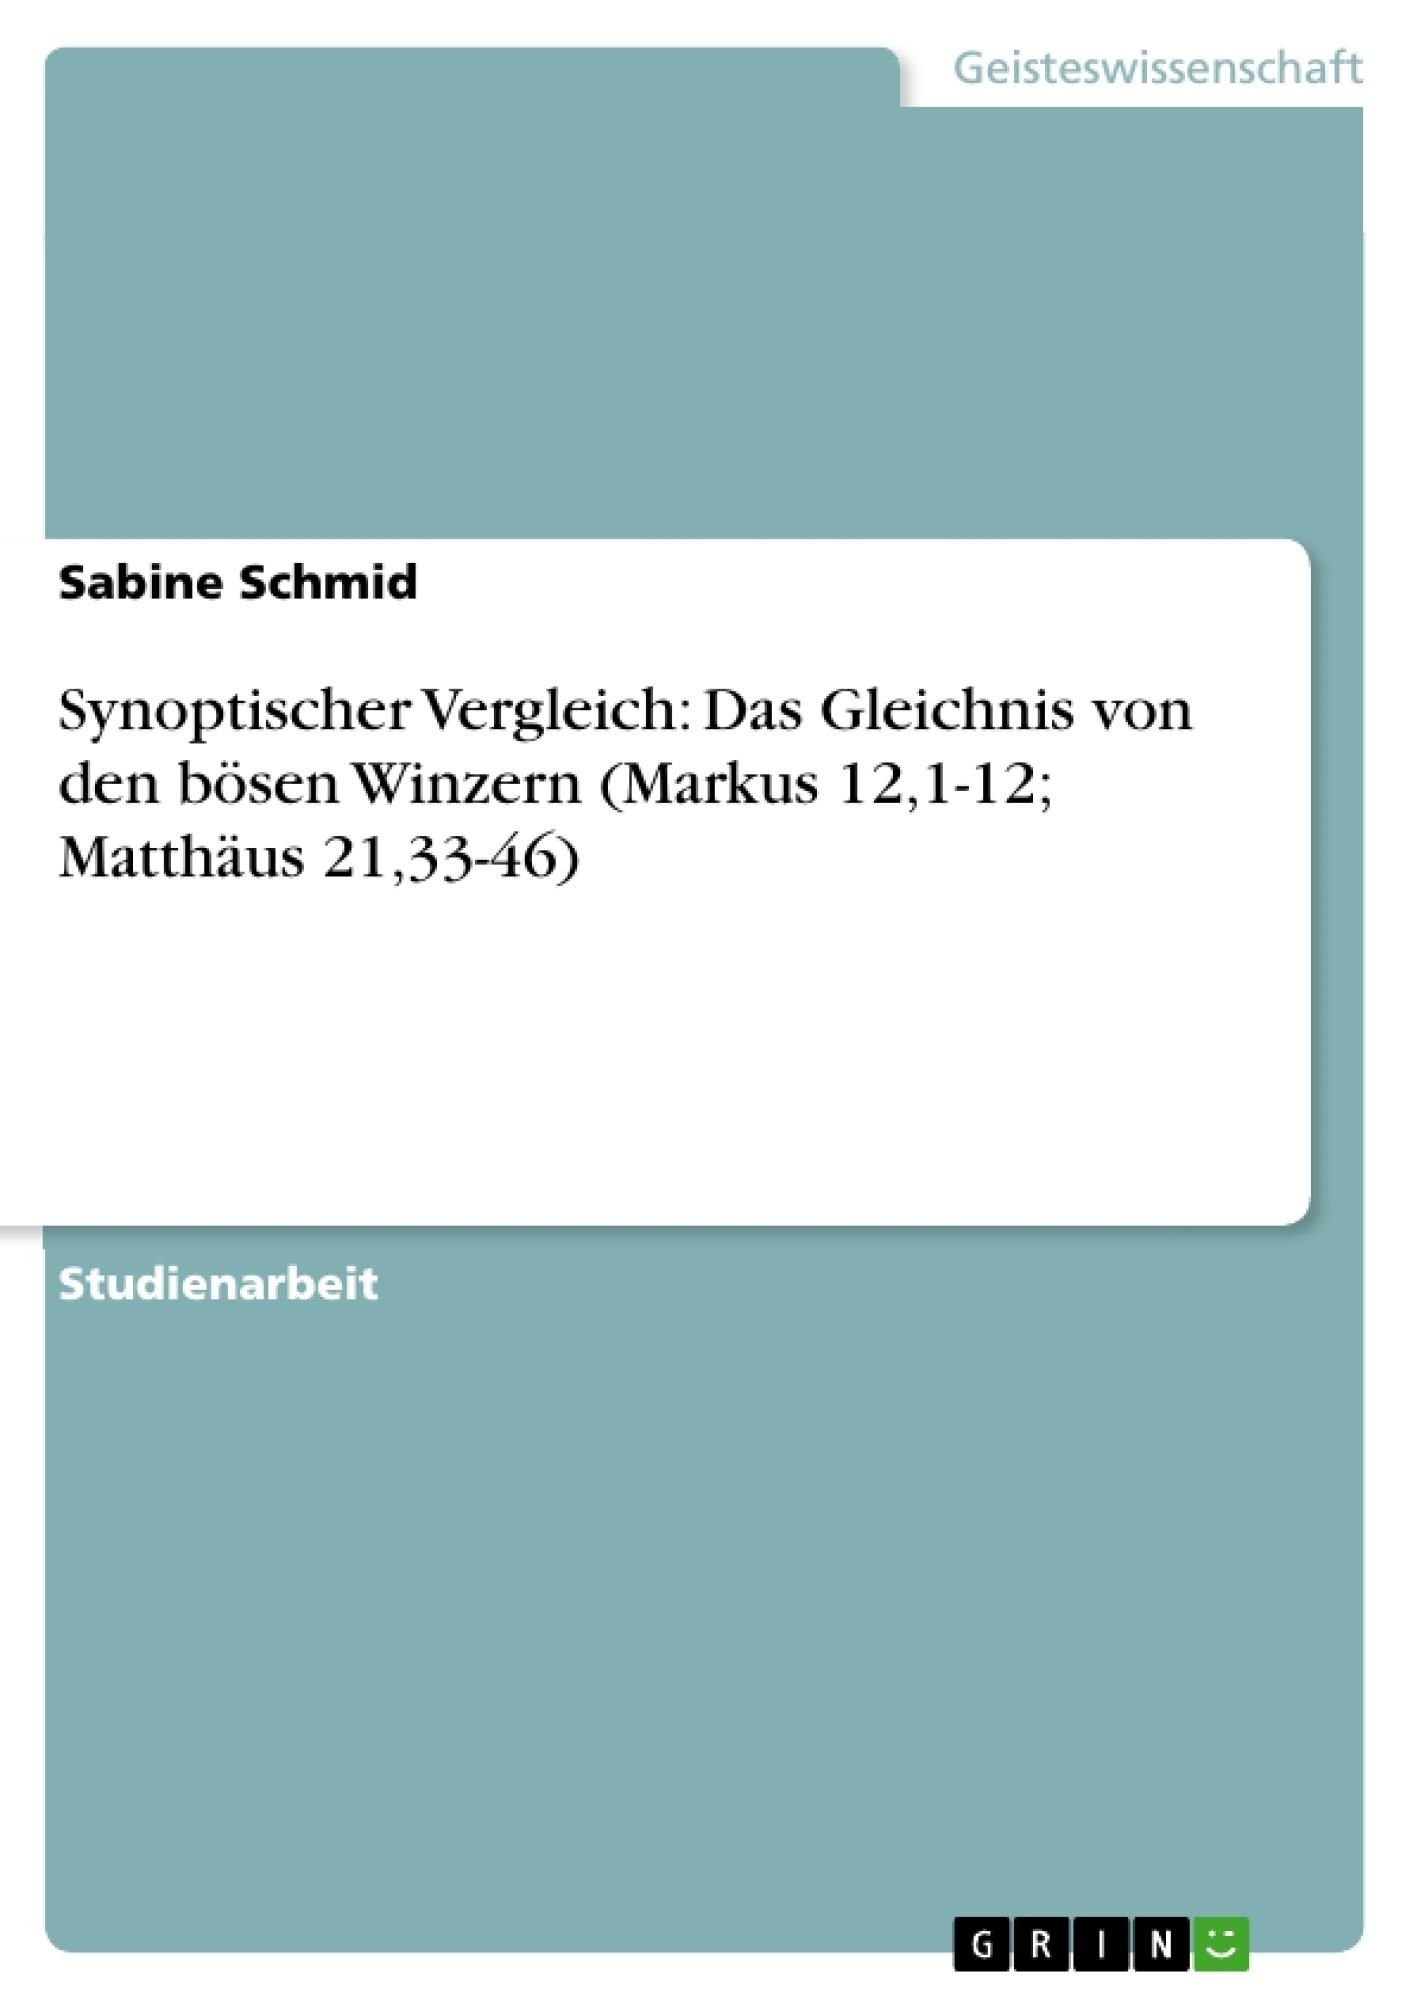 Titel: Synoptischer Vergleich: Das Gleichnis von den bösen Winzern (Markus 12,1-12; Matthäus 21,33-46)